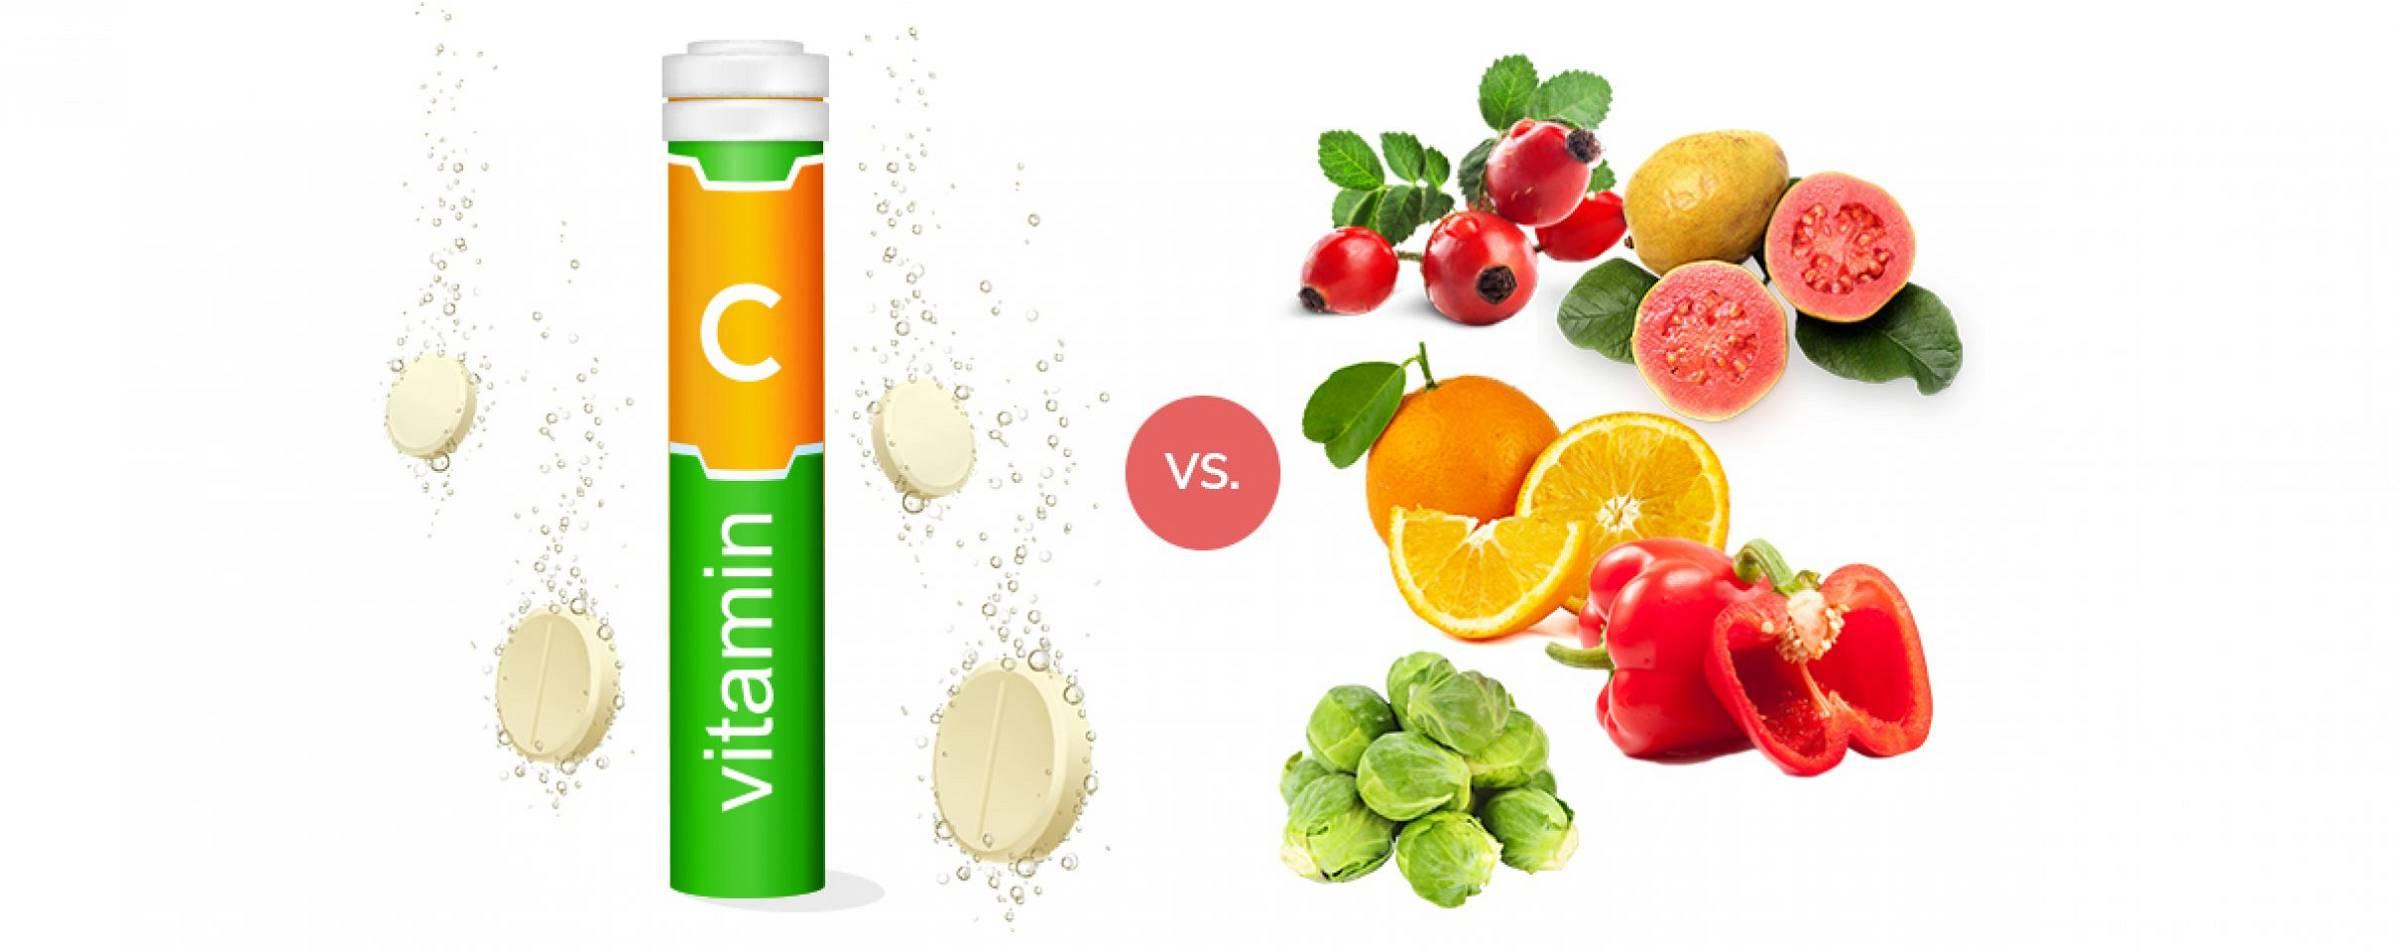 Deze supplementen geven te veel vitamine C, terwijl je van groente en fruit voldoende binnenkrijgt.